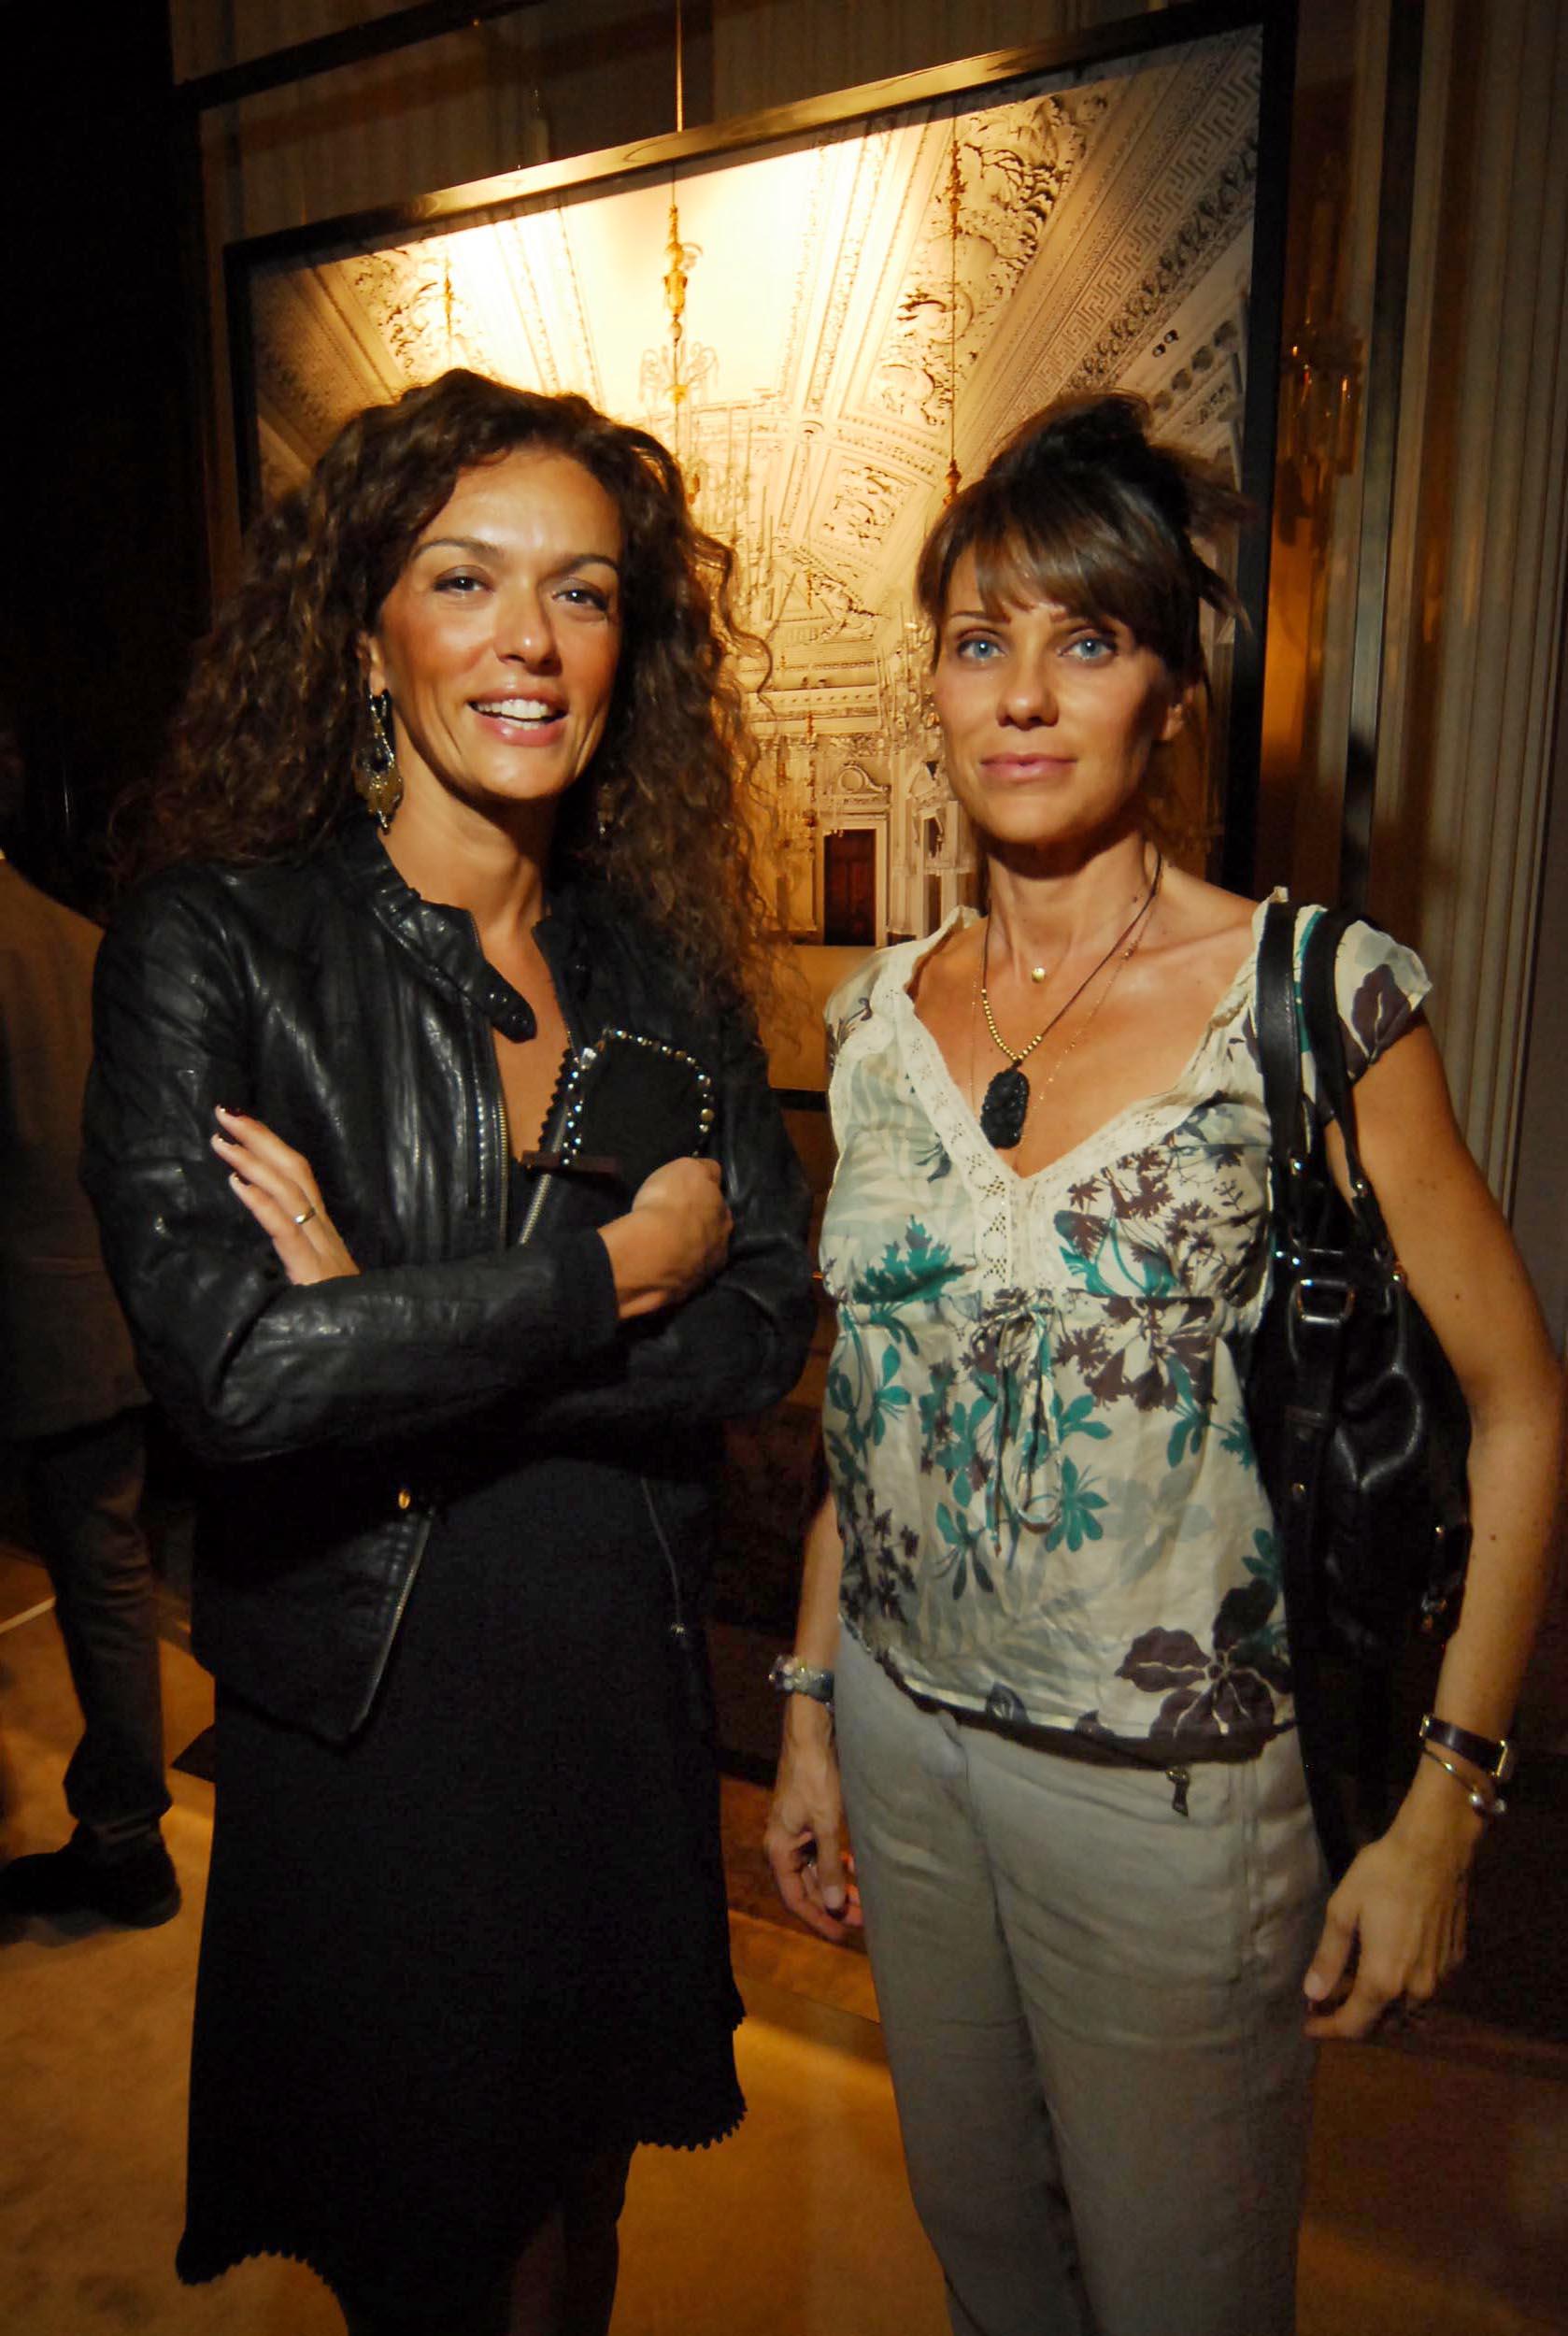 PRESSPHOTO  Firenze, Palazzo Pitti Galleria Palatina, mostra fotografica di Massimo Listri. Nella foto Elisabetta Zani e Daniela Baroncini